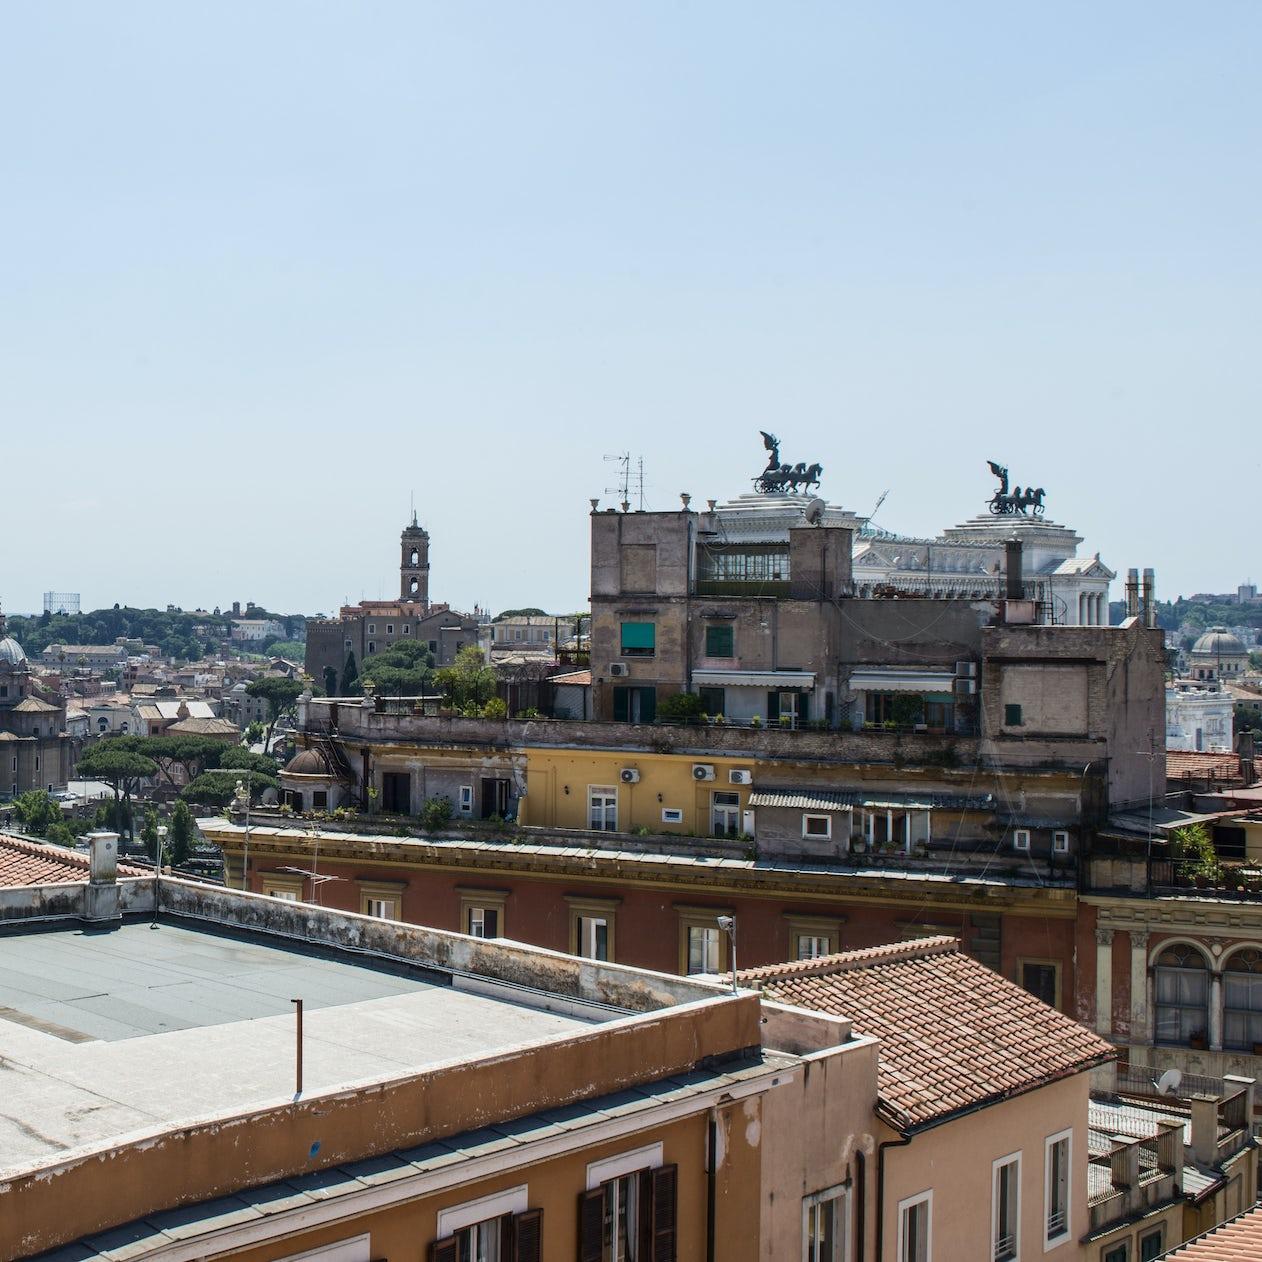 Terrazza Dorata Trevi Rome The Plum Guide